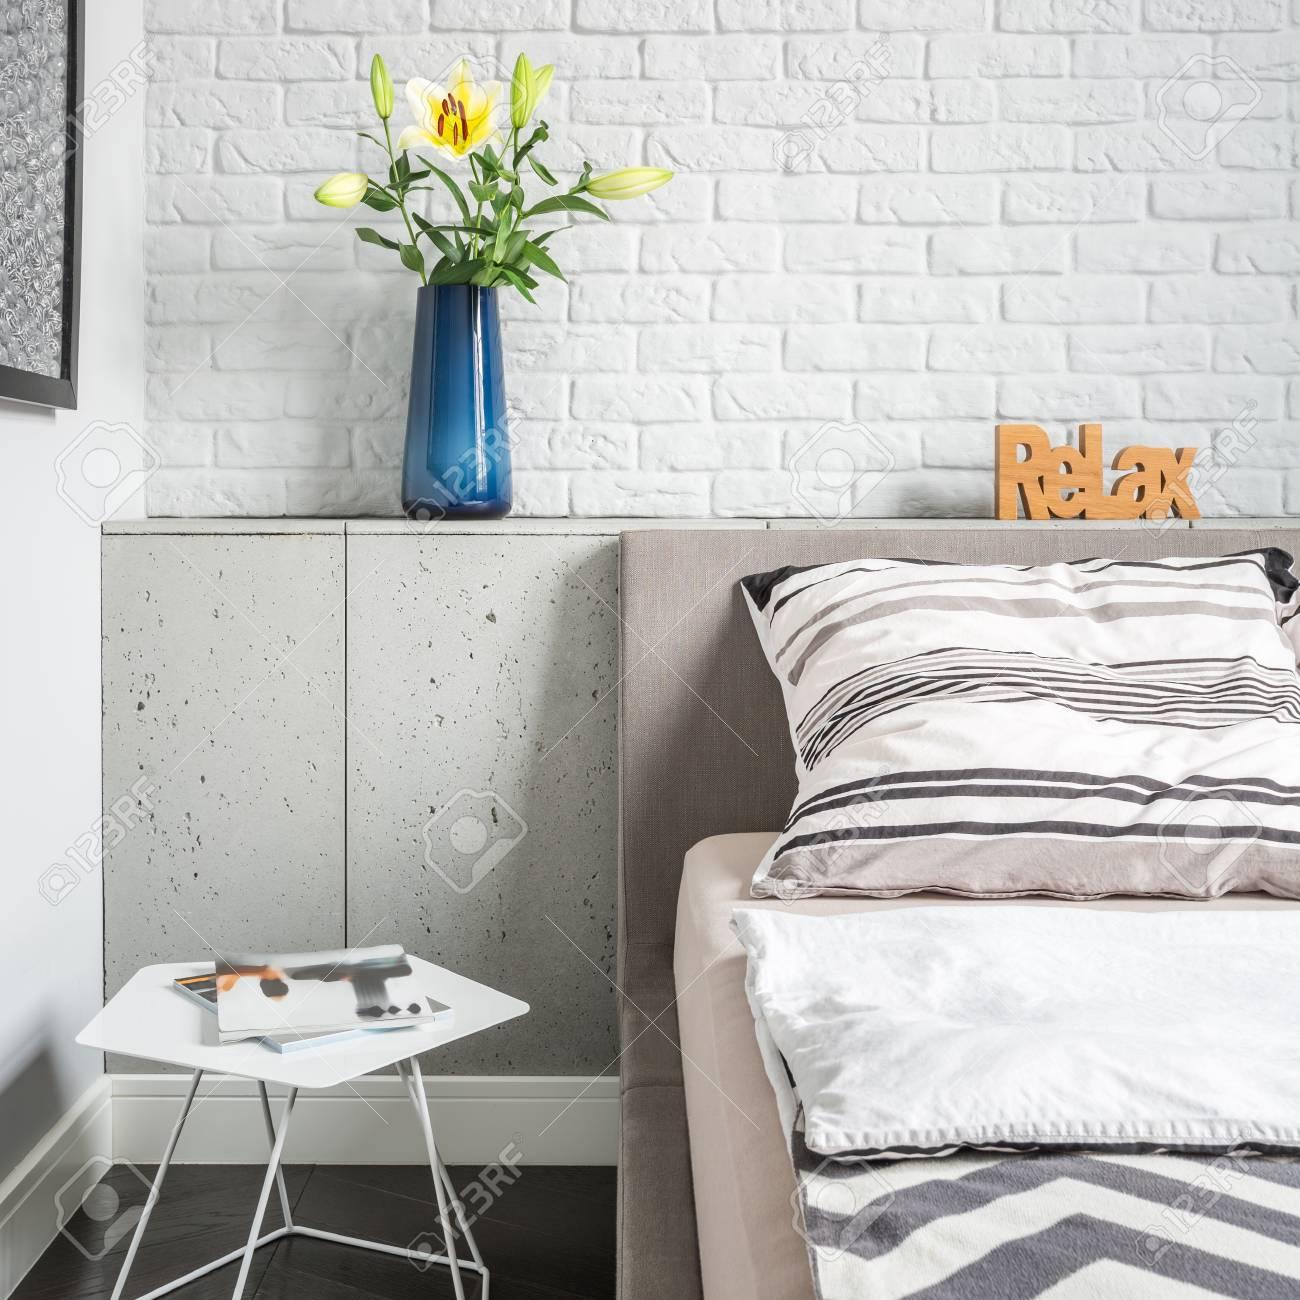 Delightful Einfaches Schlafzimmer Mit Weißer Mauer, Bett Und Beistelltisch  Standard Bild   89281428